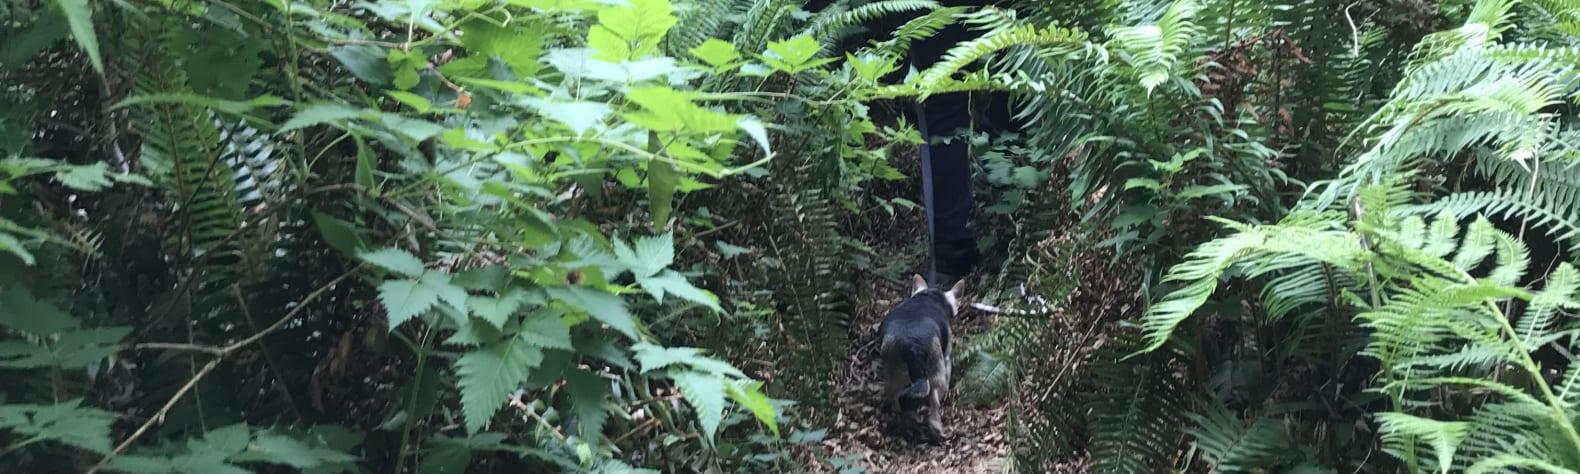 Rainforest outdoors